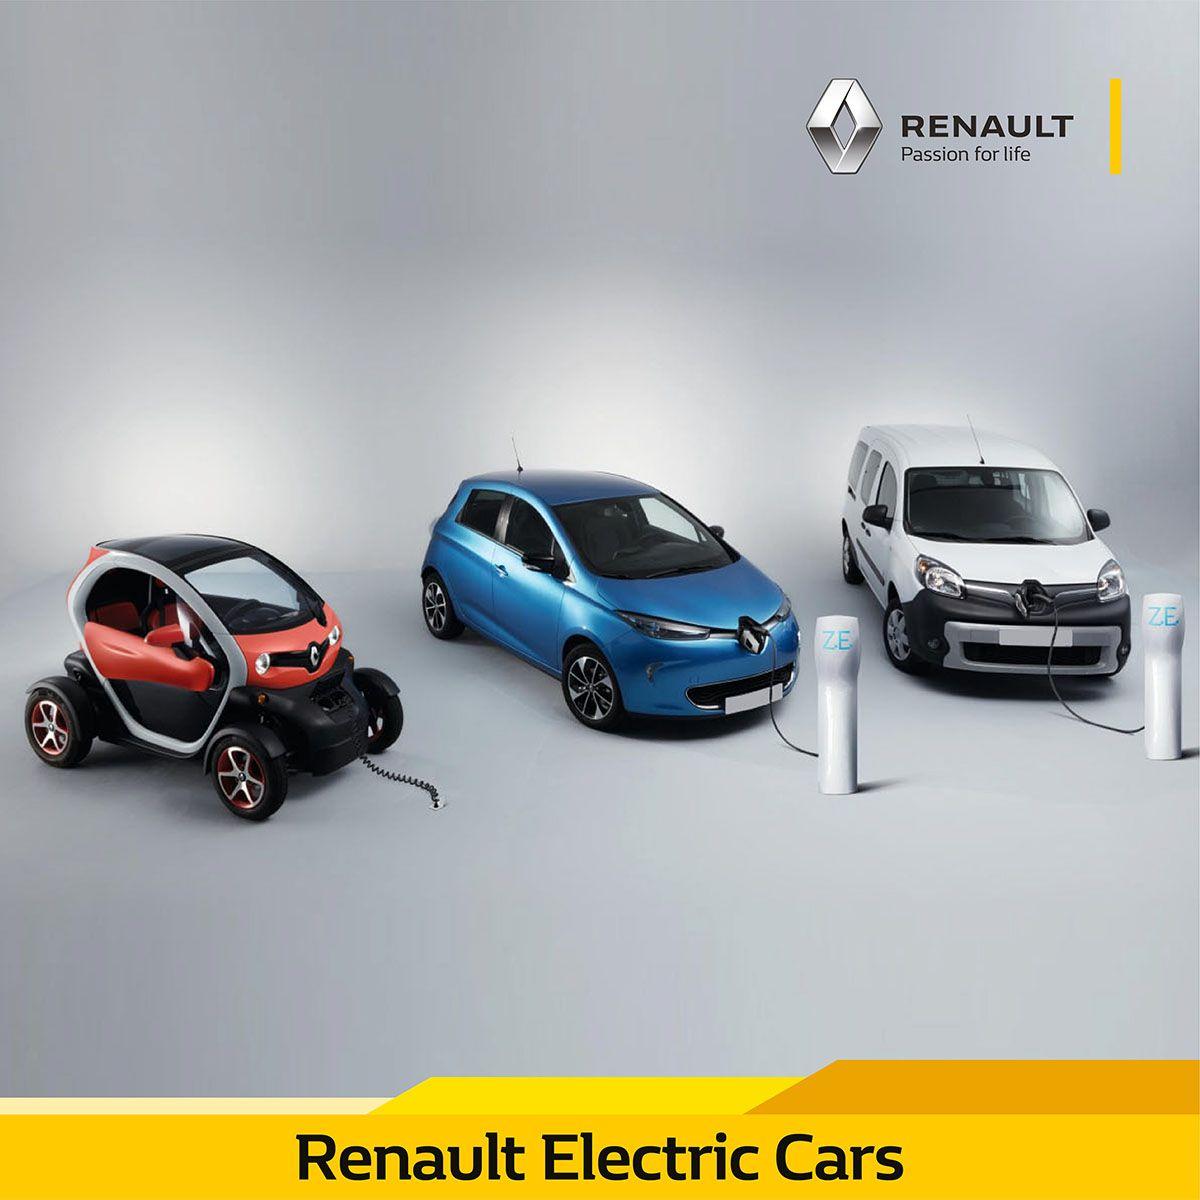 في عام 2013 أصبحت رينو الشركة الرائدة في مبيعات السيارات الكهربائية في أوروبا مع مجموعة كبيرة من المركبات مثل Twizy Zo In 2020 Renault Commercial Vehicle Hatchback